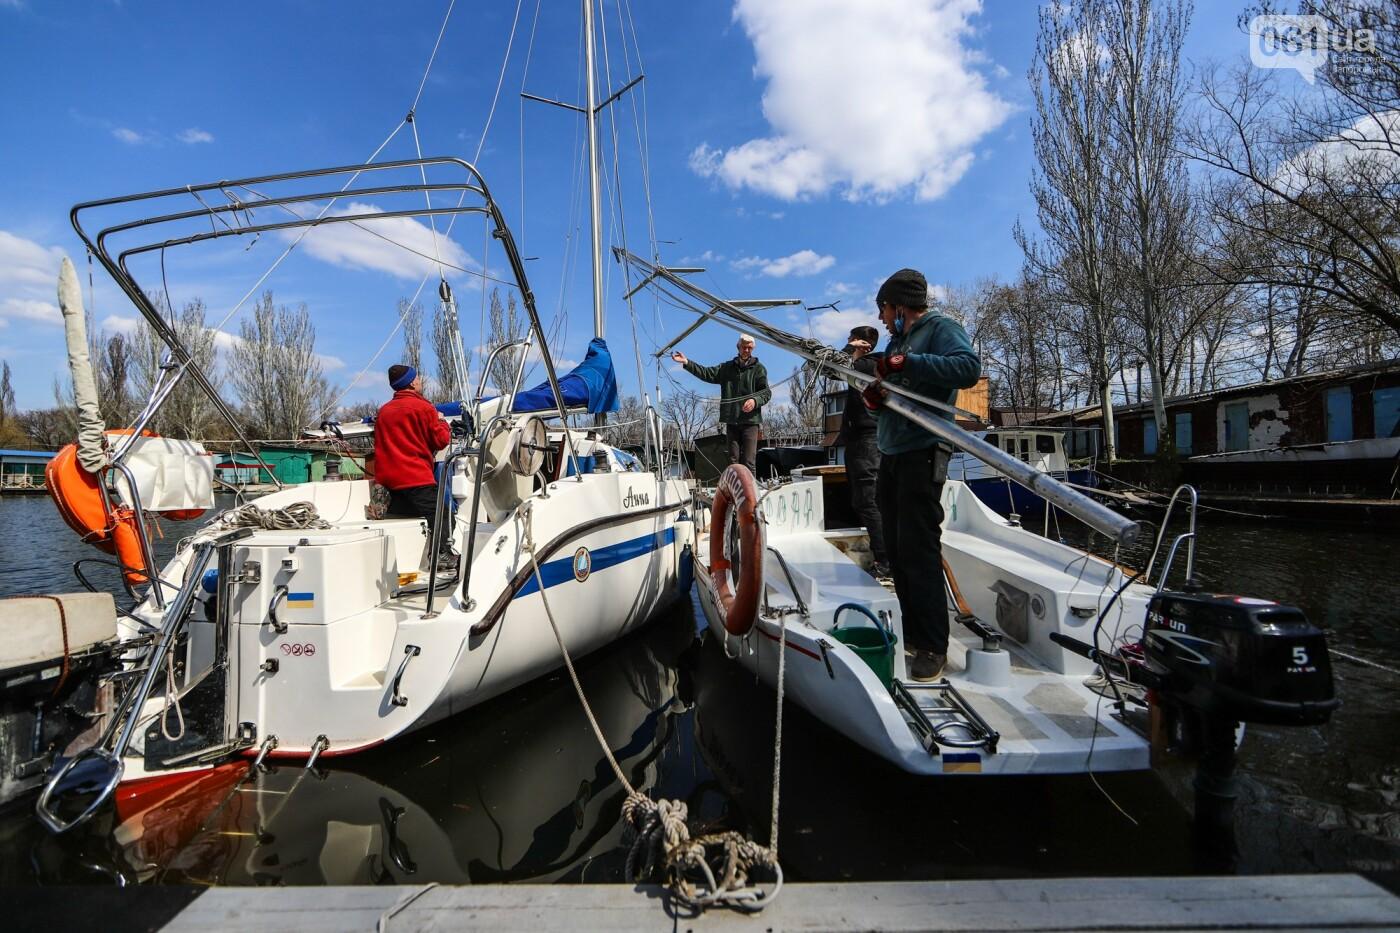 «Семь футов под килем!»: как в запорожском яхт-клубе спускали судна на воду, - ФОТОРЕПОРТАЖ , фото-61